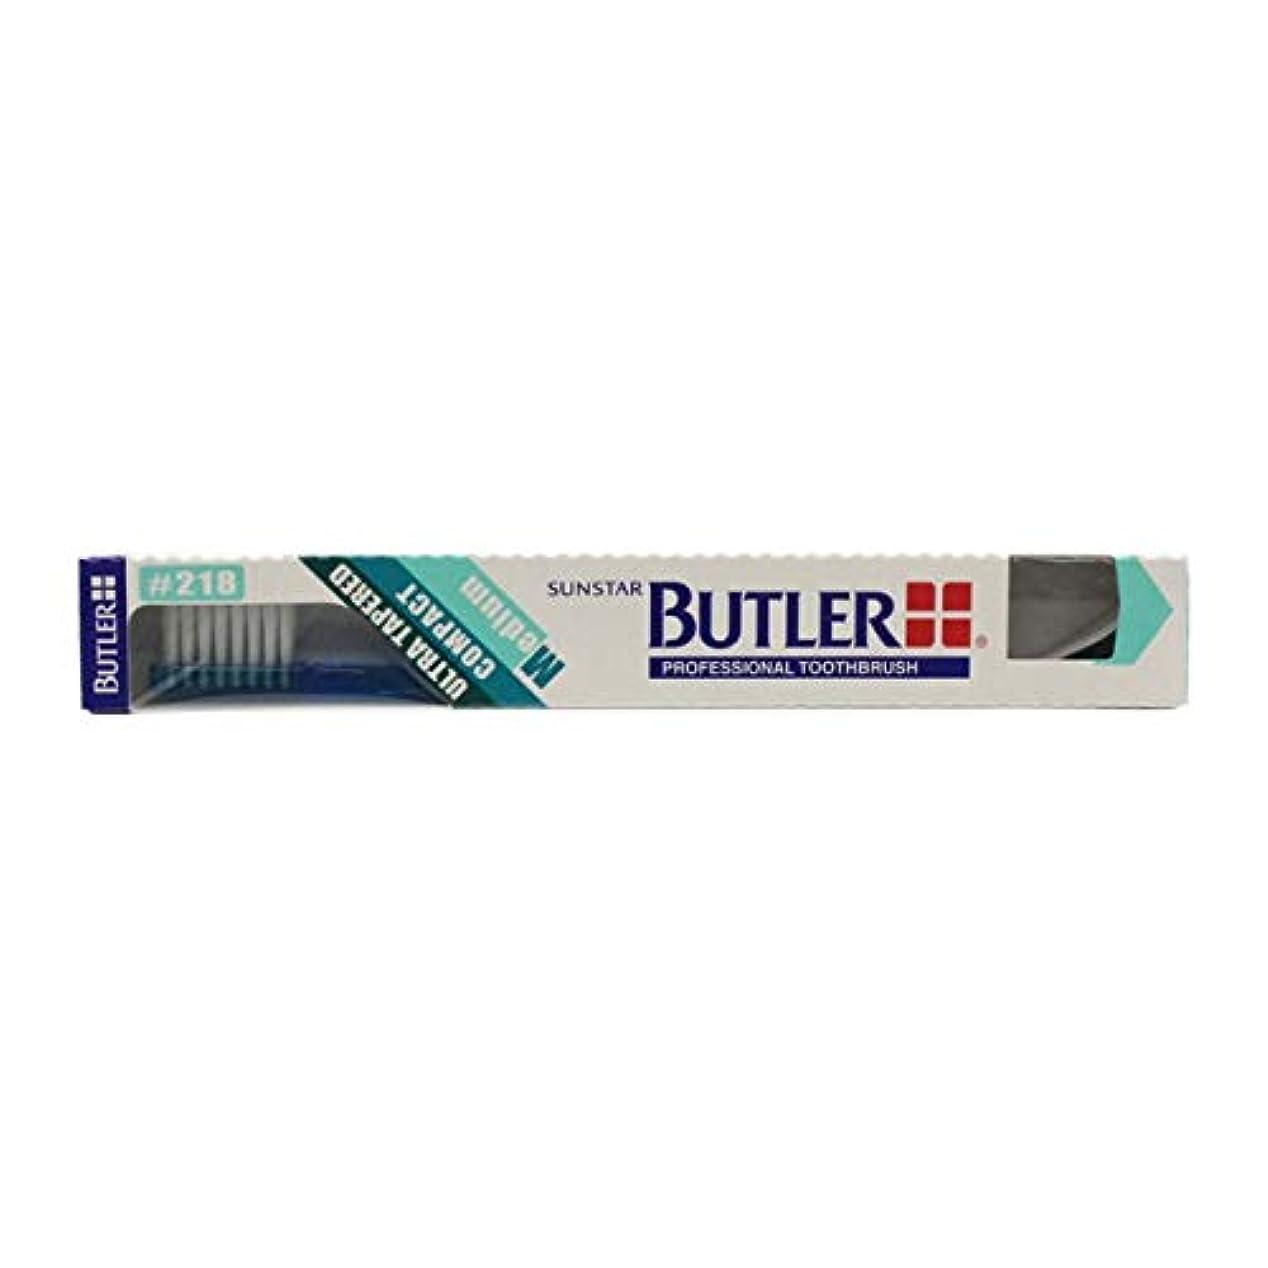 サンスター バトラー 歯ブラシ #218 1本